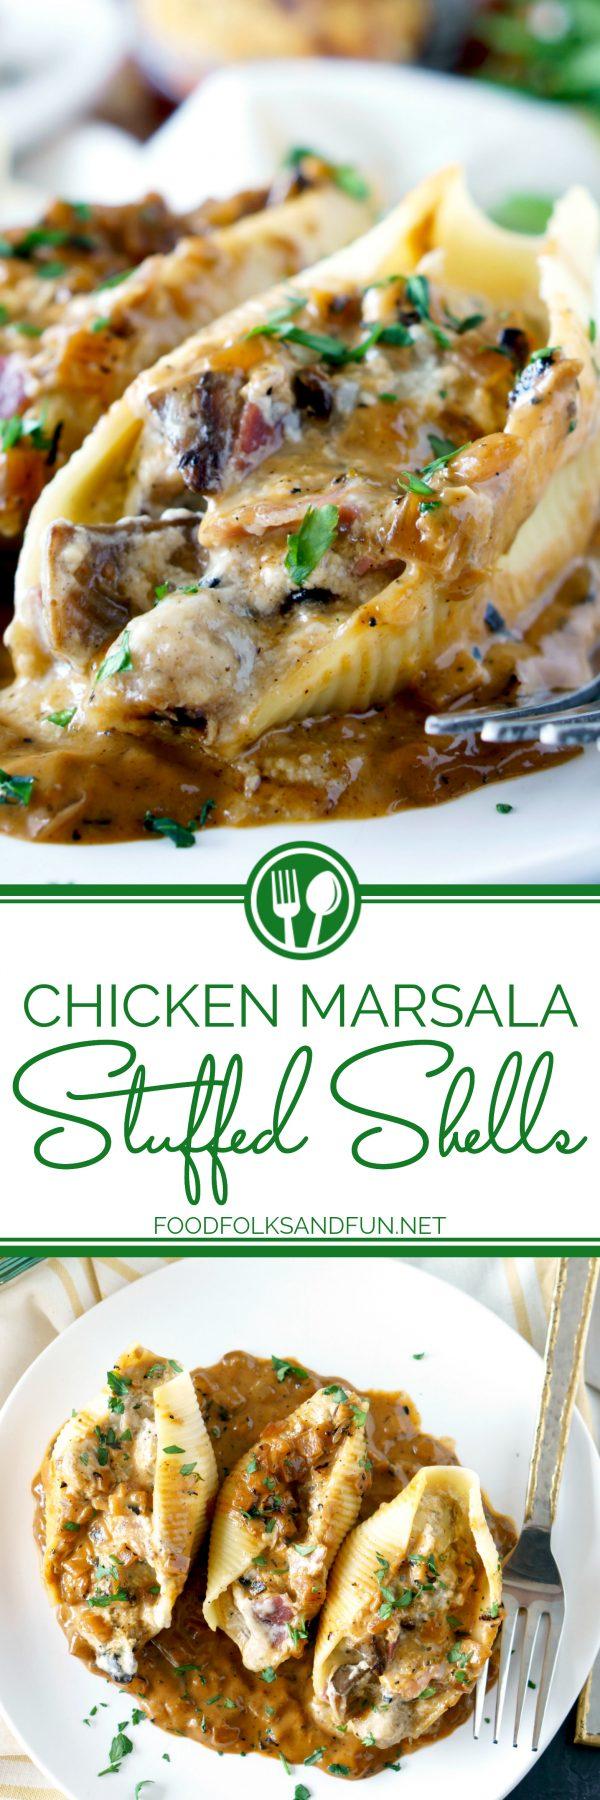 Delicious Chicken Marsala Stuffed Shells recipe.